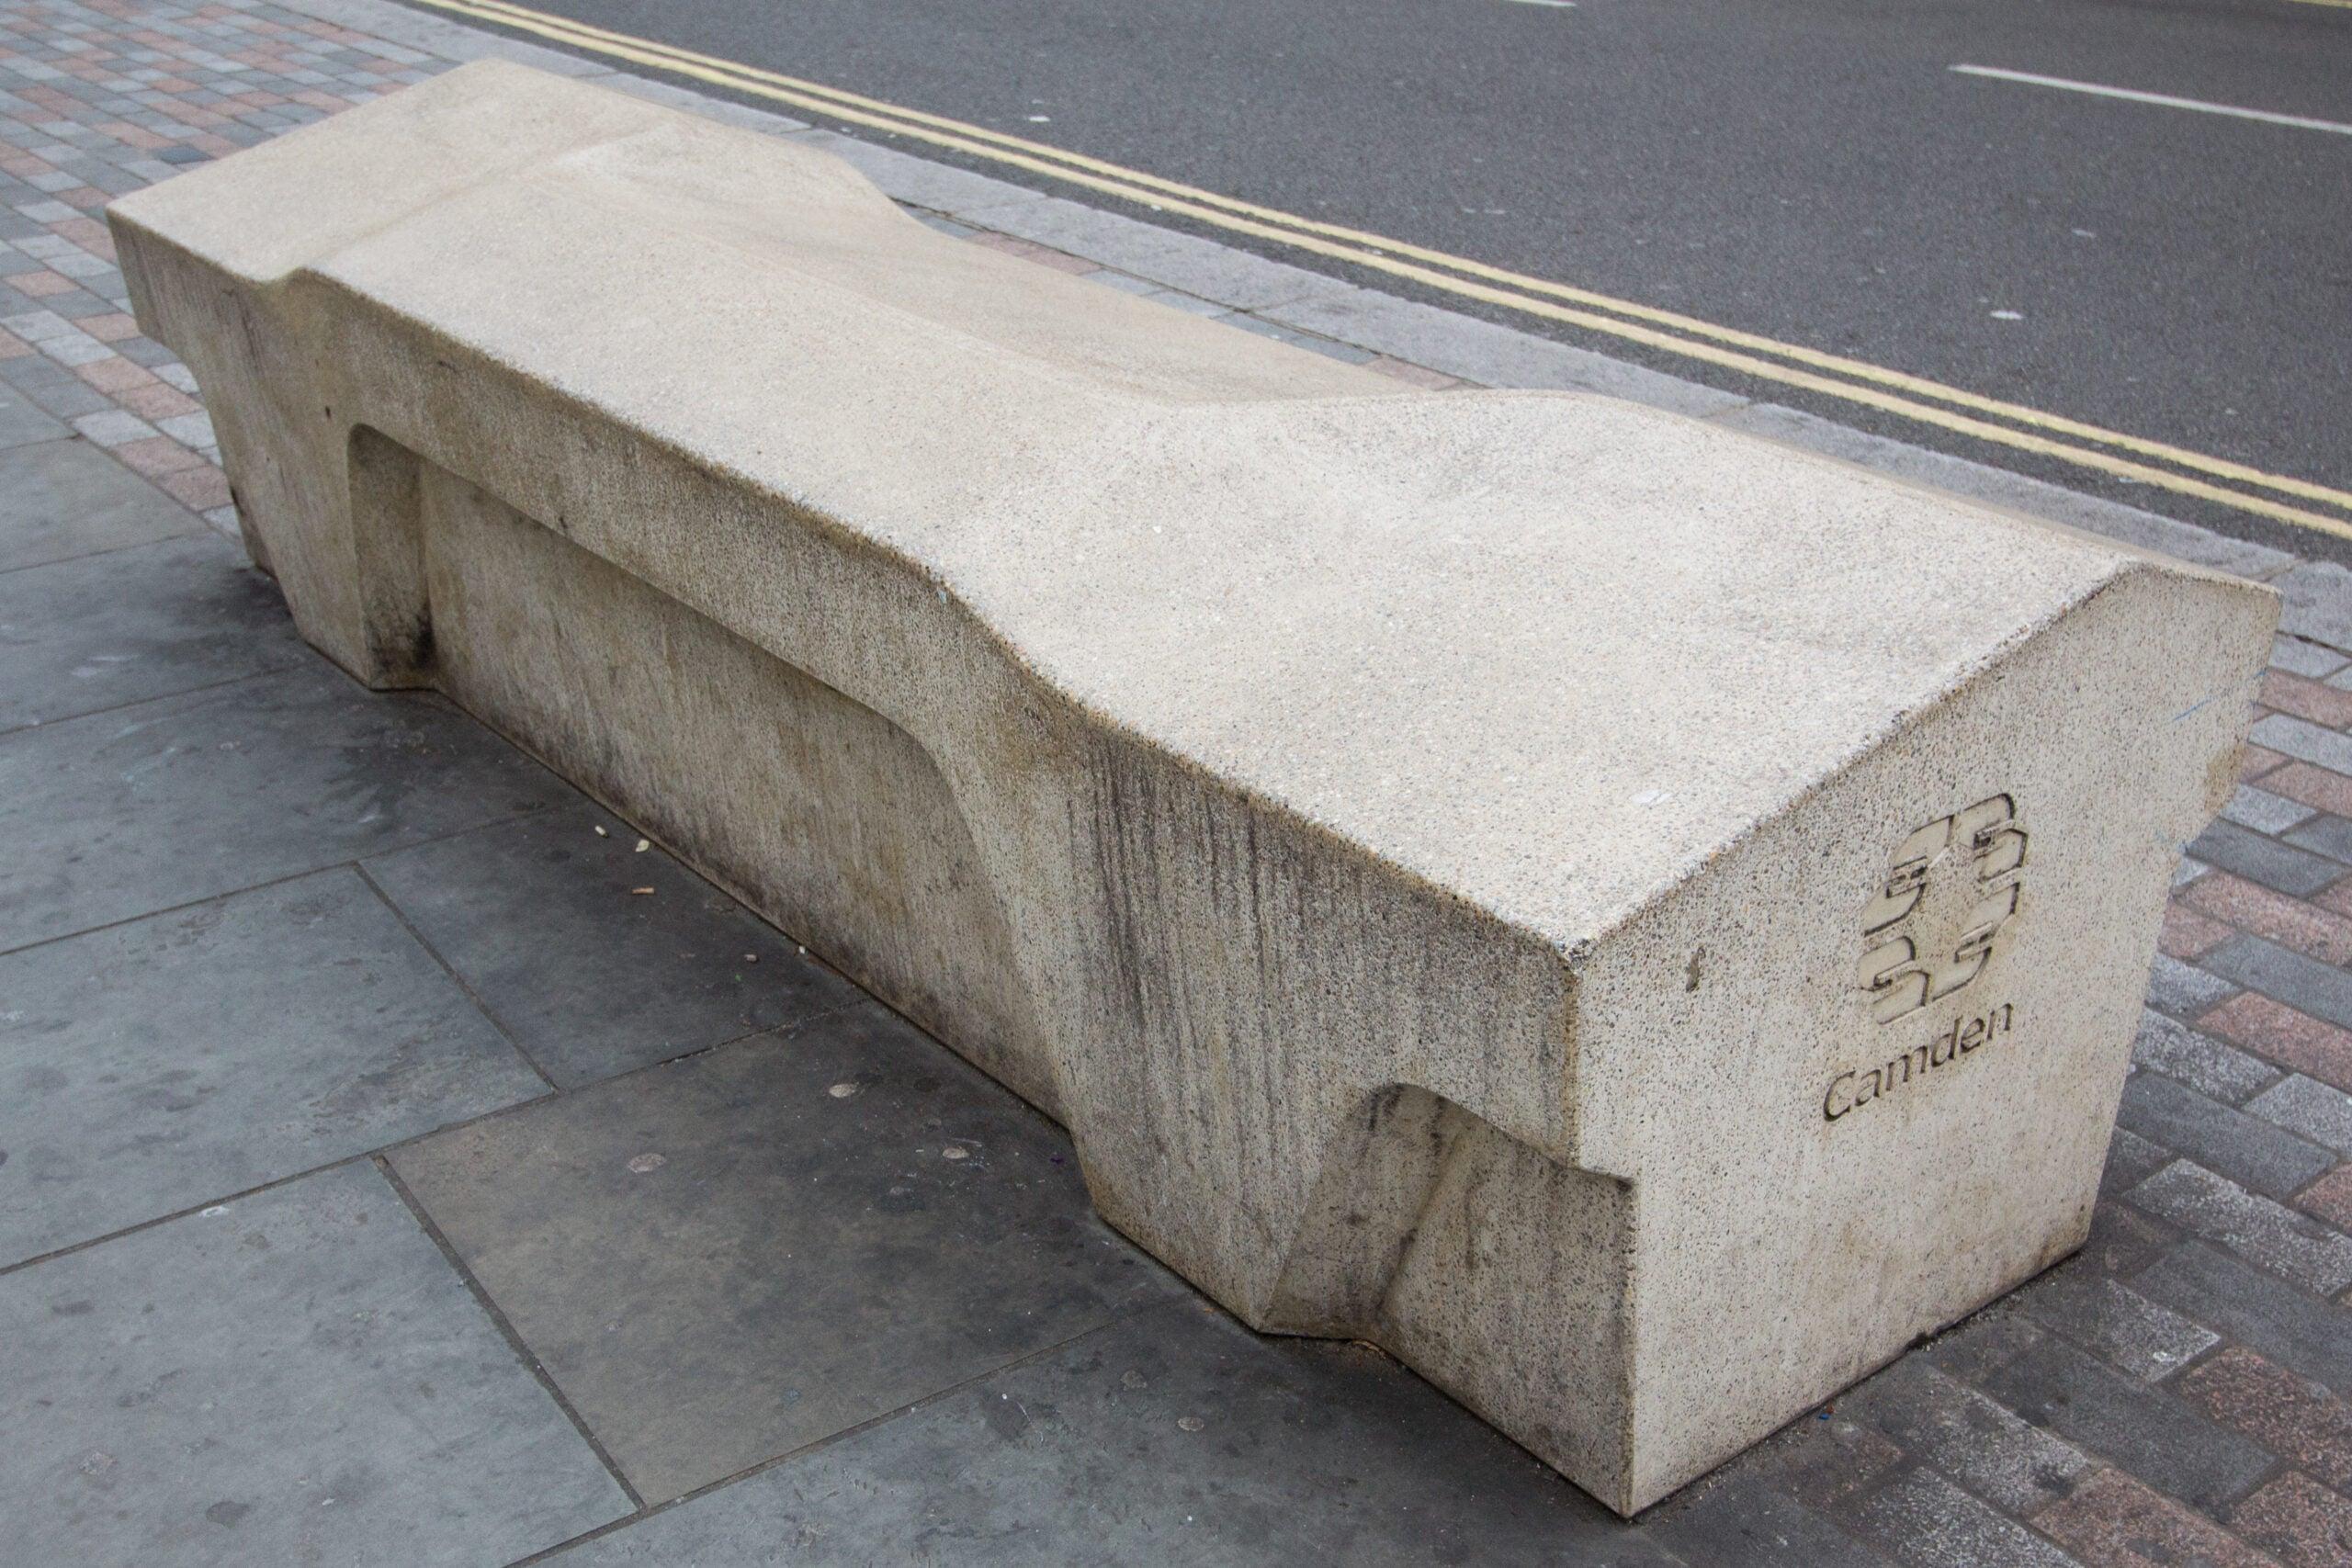 A concrete camden bench